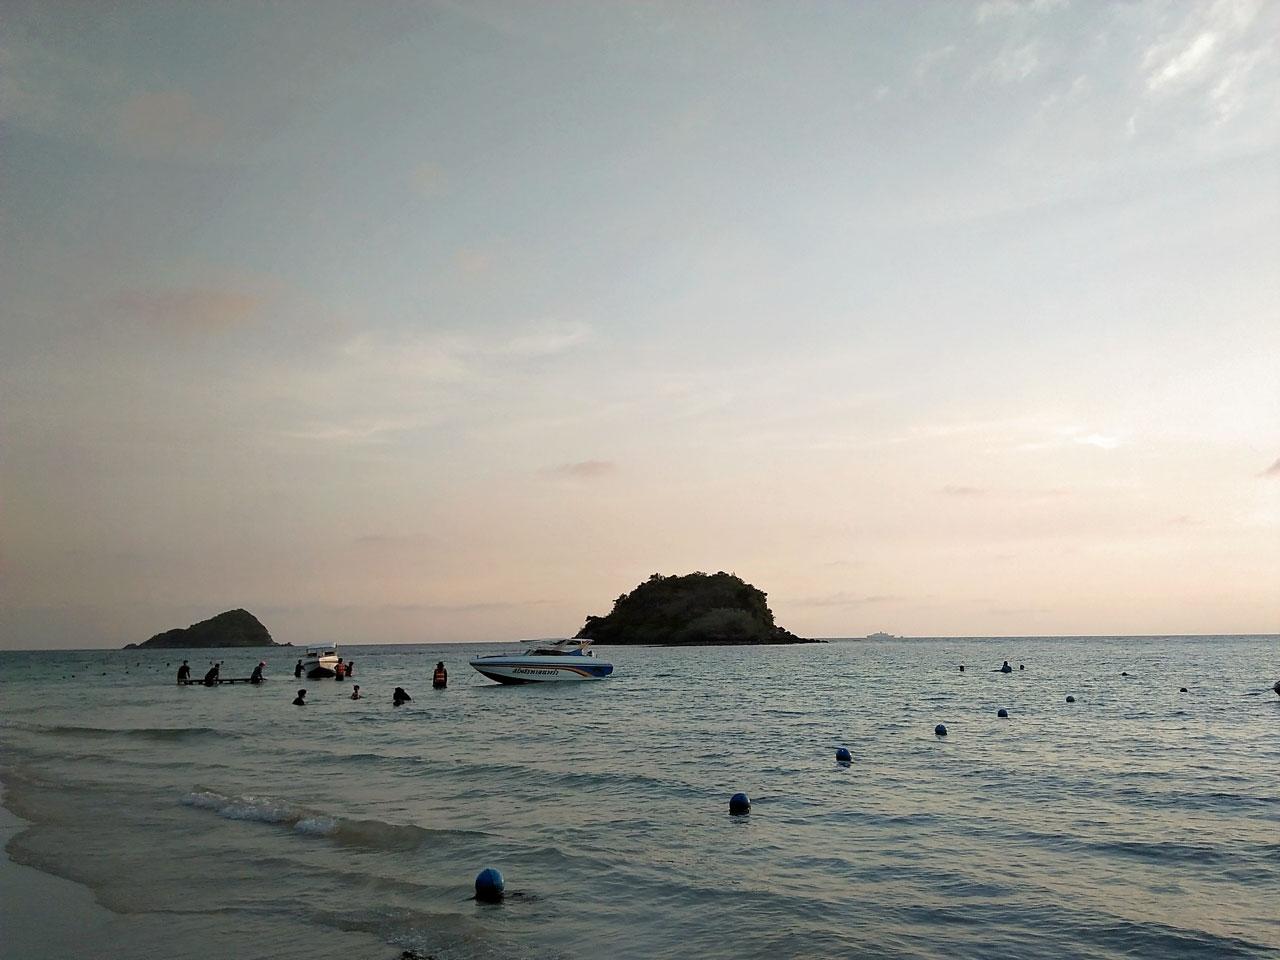 วิวสวยๆบริเวณรอบๆหาดนางรำ สัตหีบ